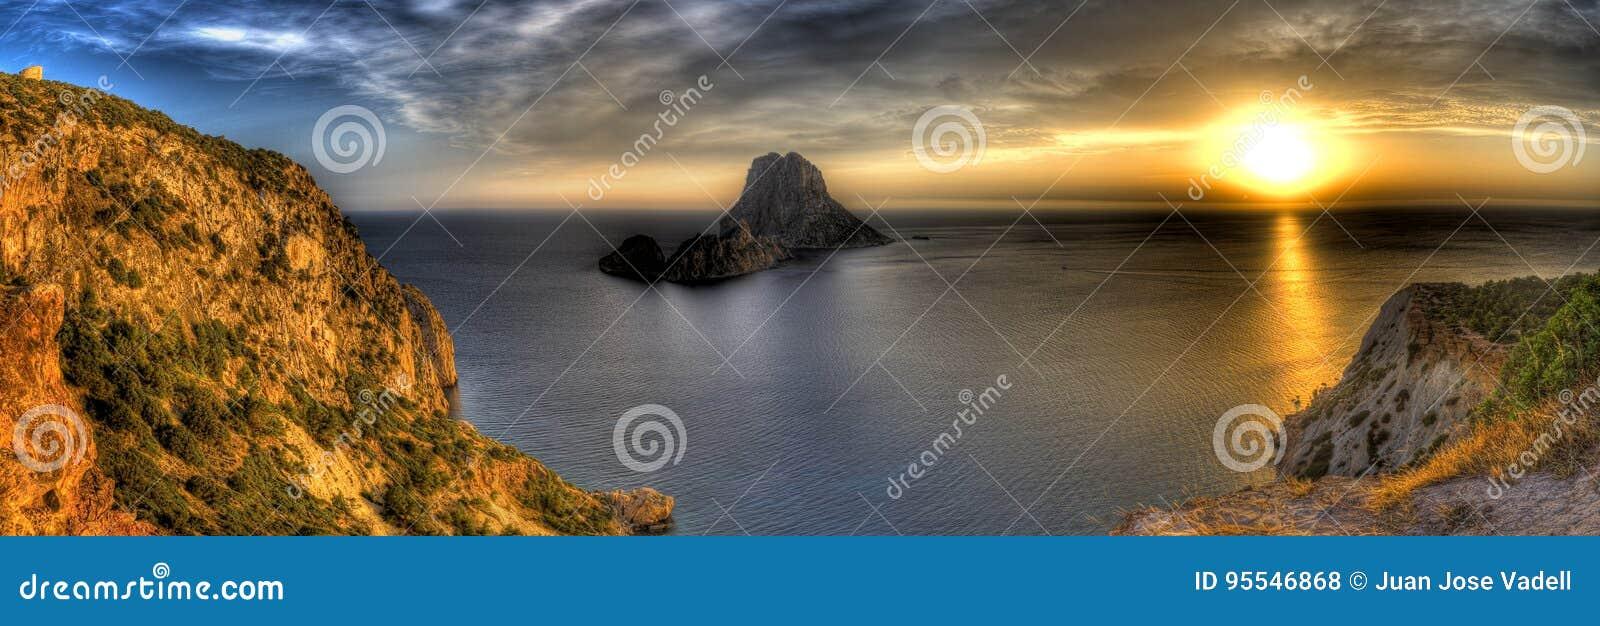 S Vedra - Ibiza